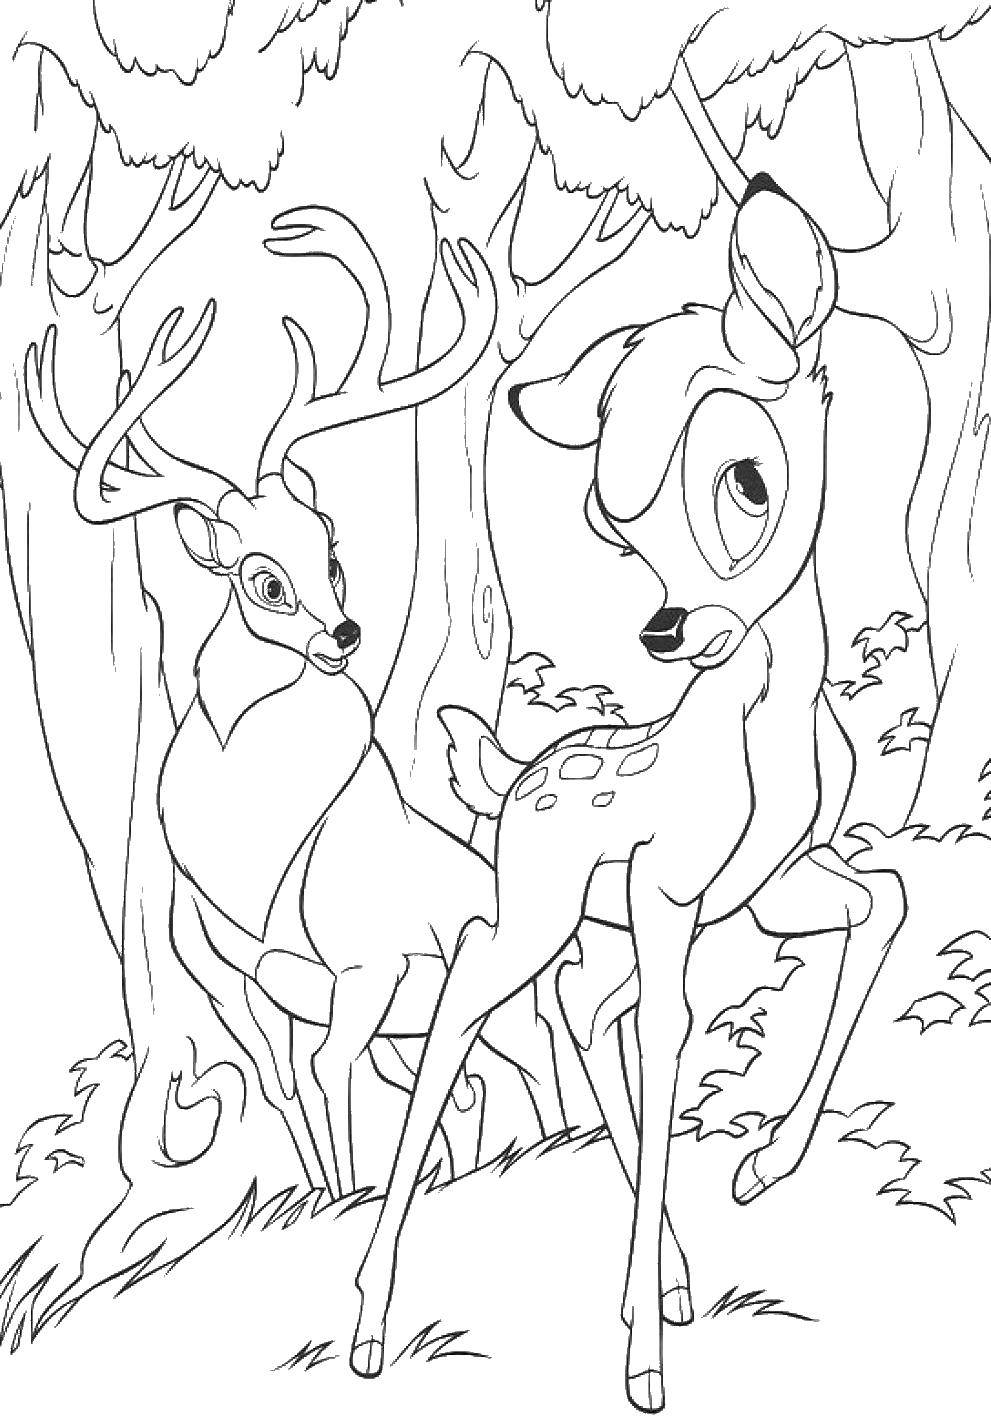 Раскраска Олени Скачать Диснеевские мультфильмы, раскраски, Бэмби, олени.  Распечатать ,Диснеевские раскраски,